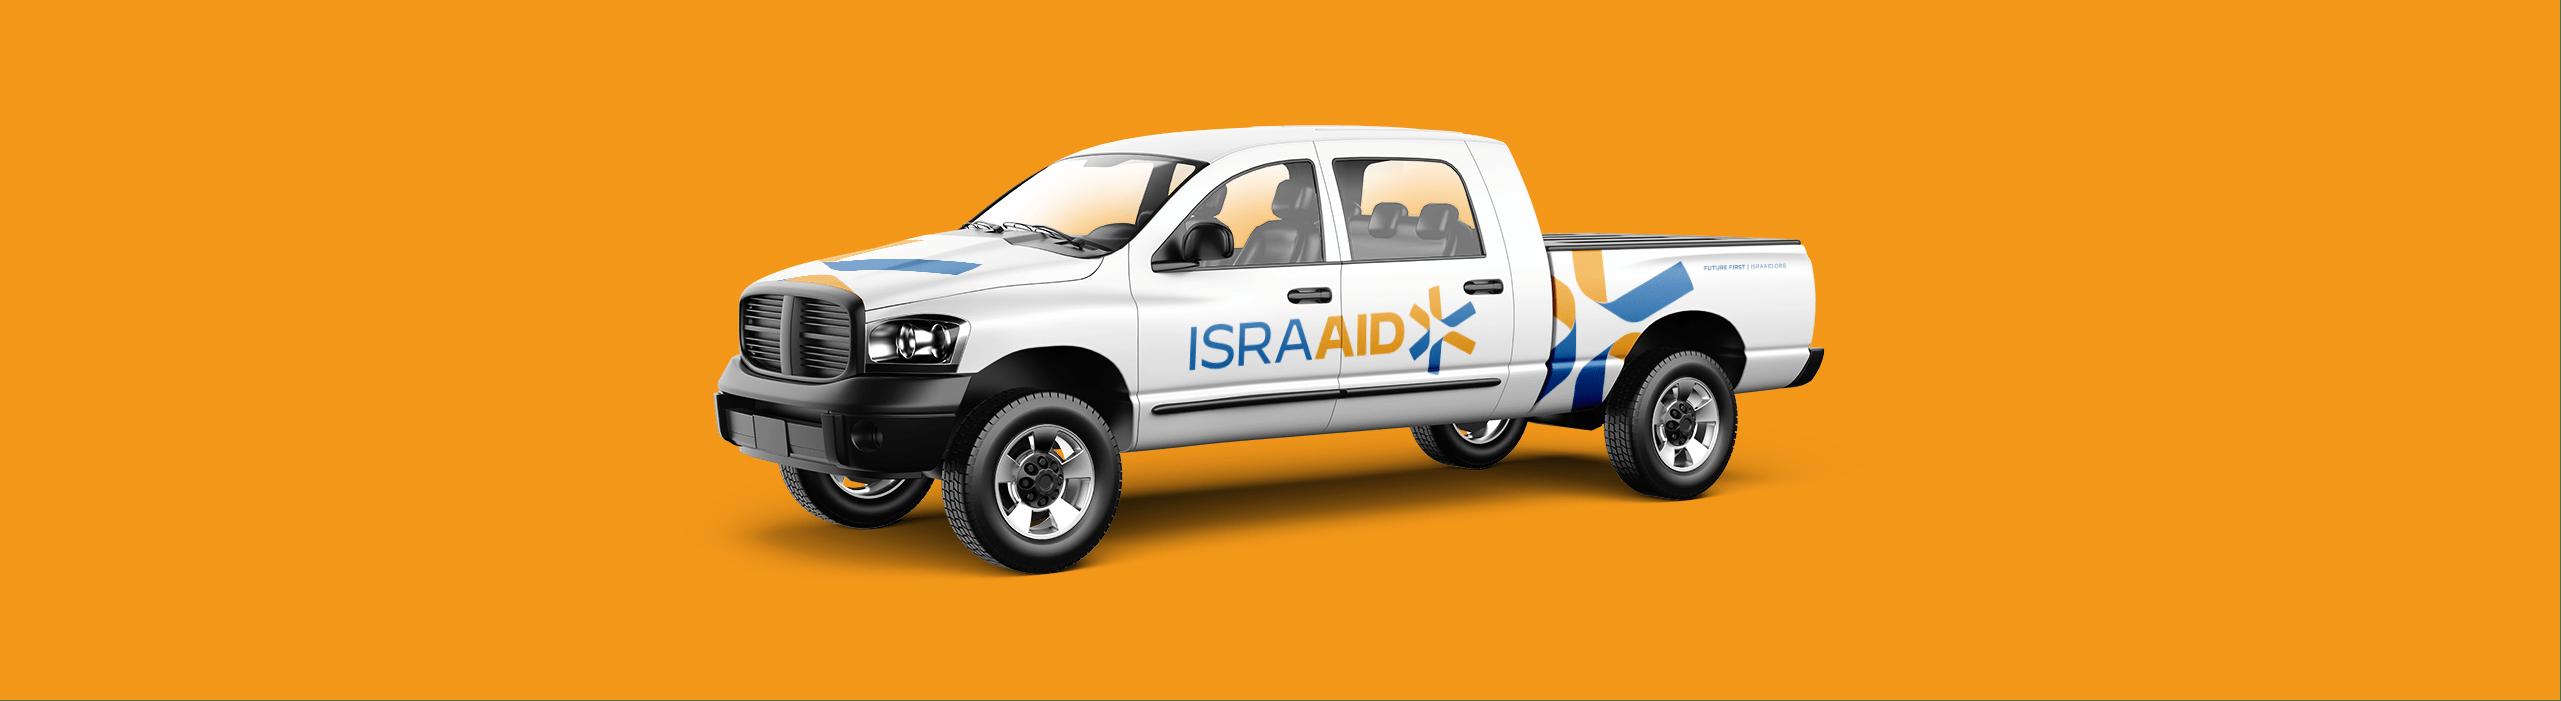 IsraAID - 08 - Natie Branding Agency